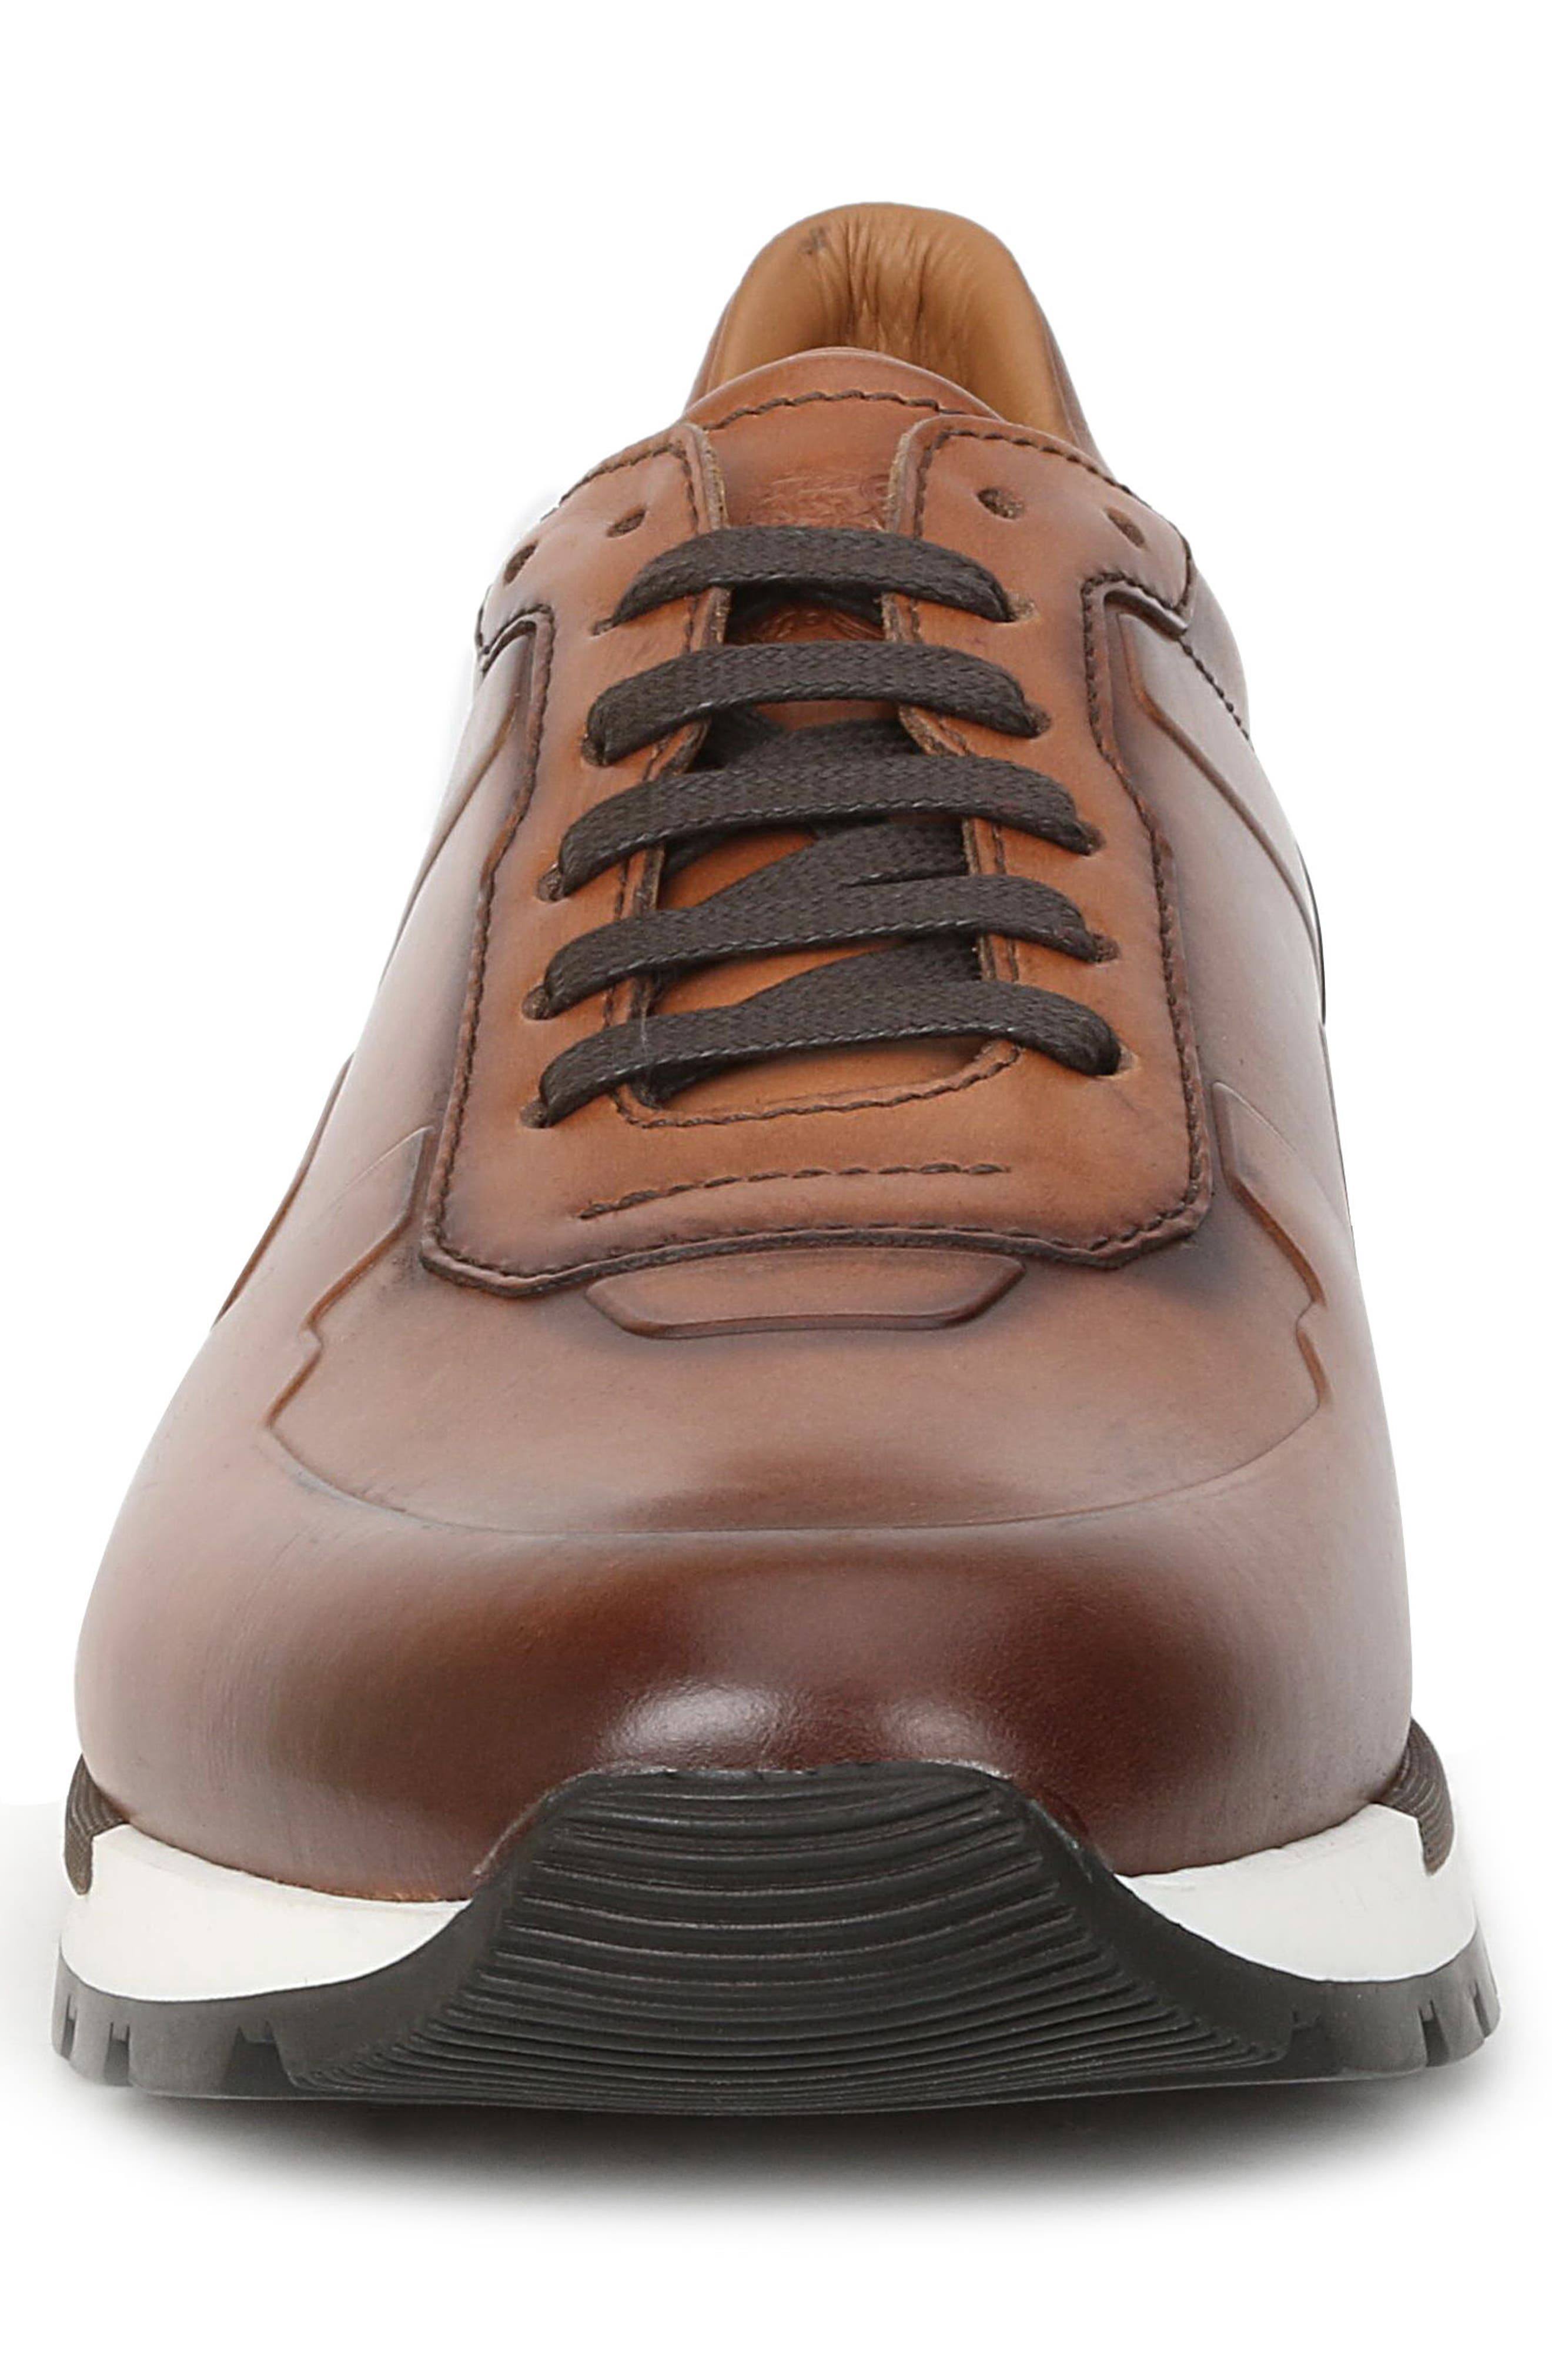 Davio Low Top Sneaker,                             Alternate thumbnail 4, color,                             COGNAC